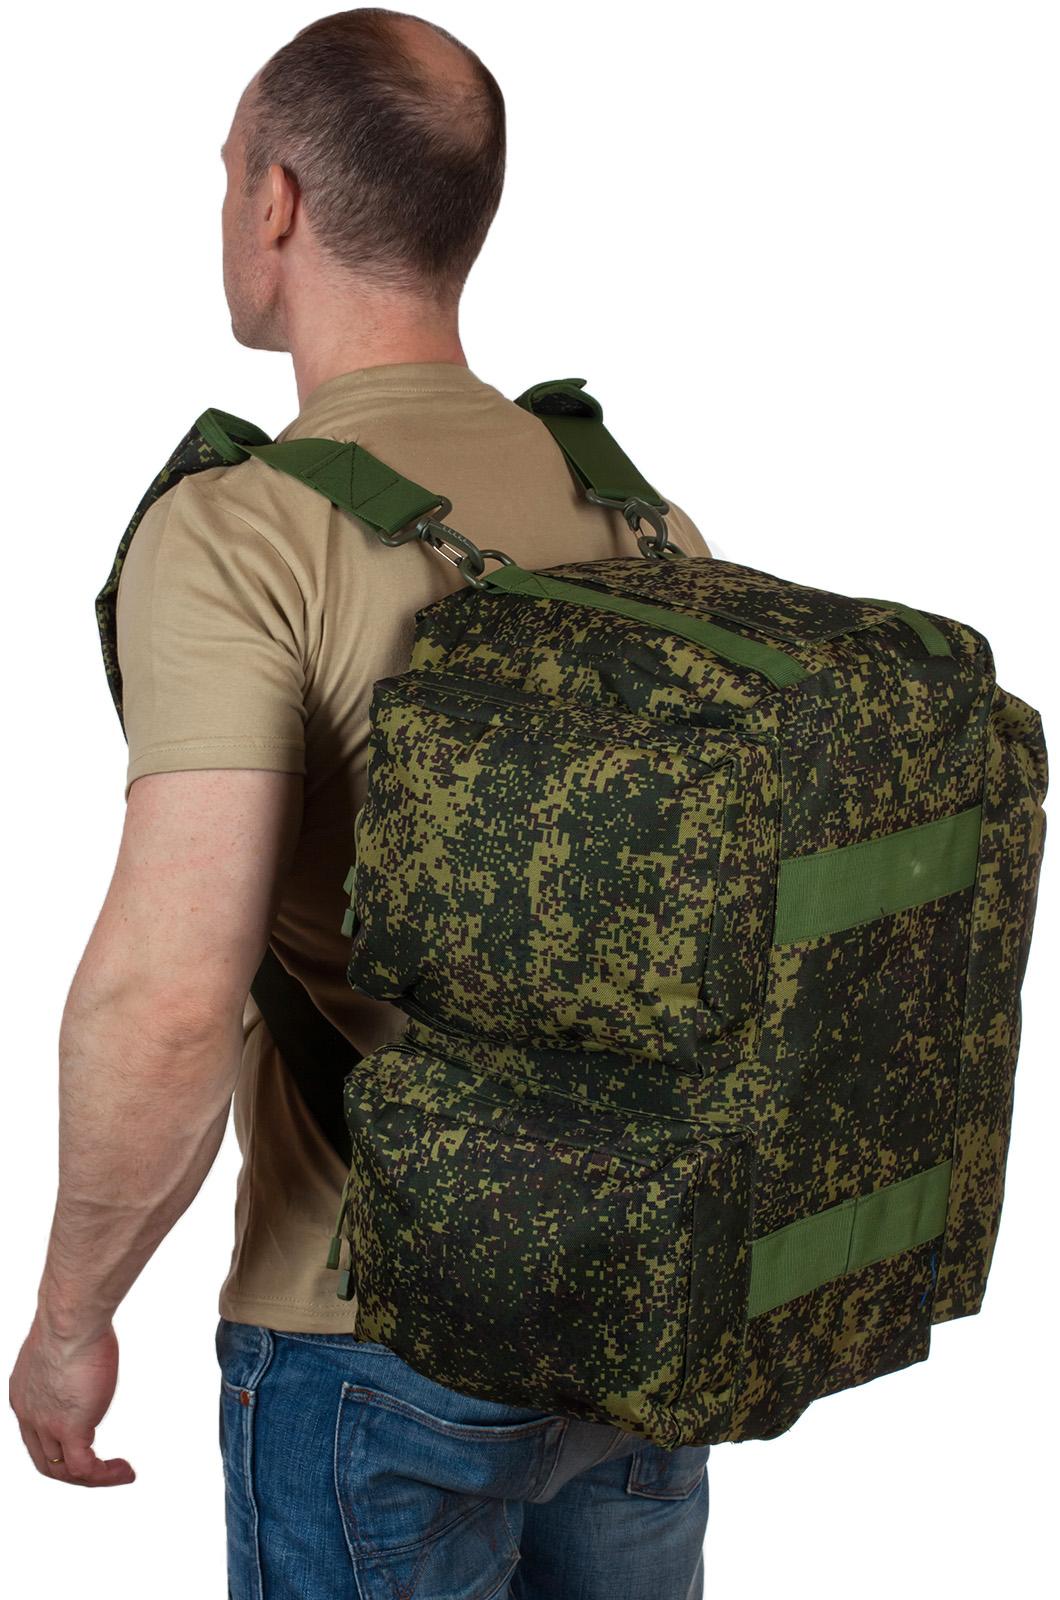 Практичная тактическая сумка с нашивкой РХБЗ - заказать оптом